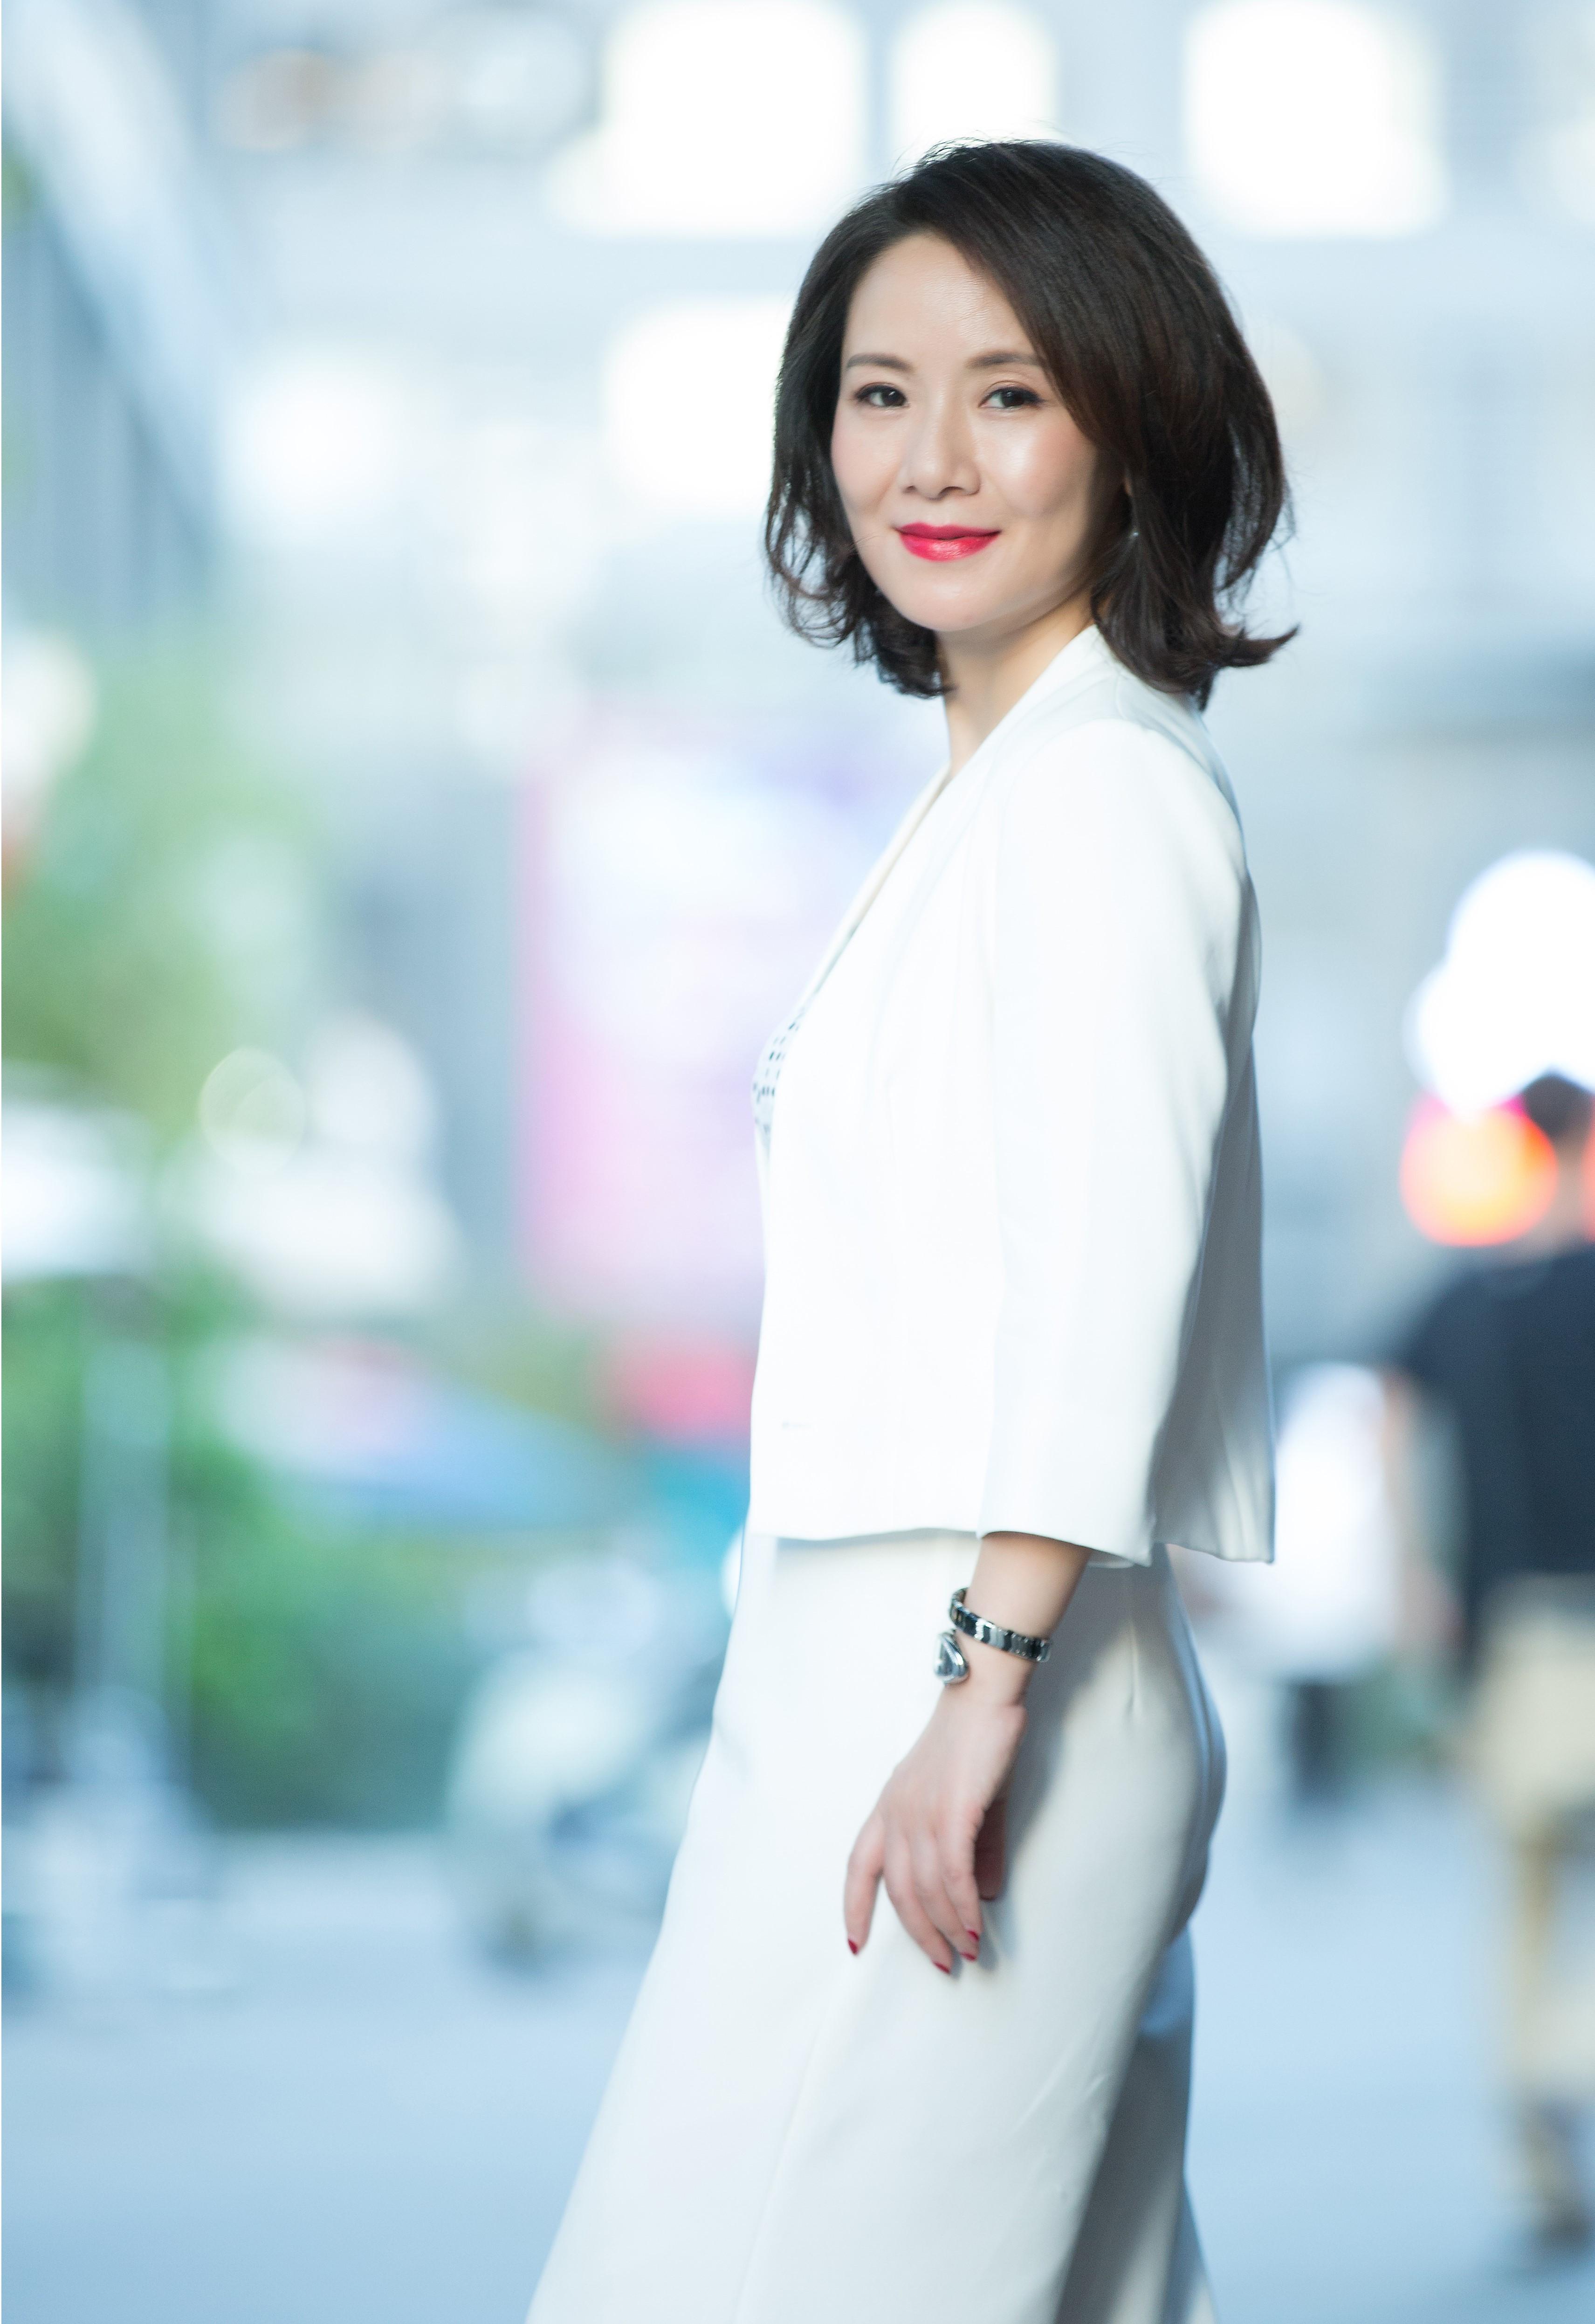 女性更年期综合症状_专访 她从央视离职,创立中国首家盆底康复机构,愿为2亿女性 ...